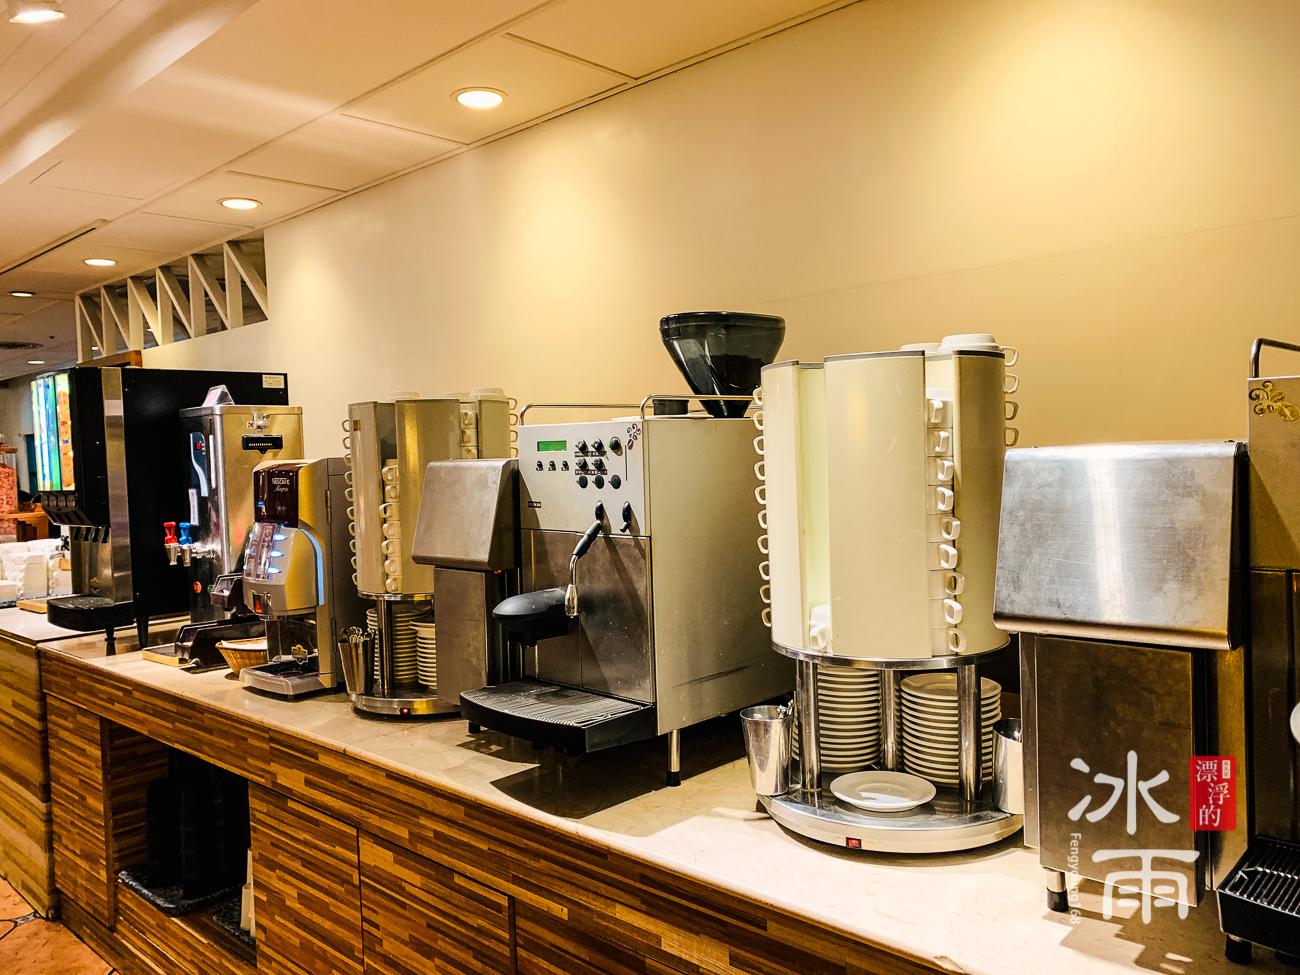 陽明山天籟溫泉會館|早餐菜色|咖啡區